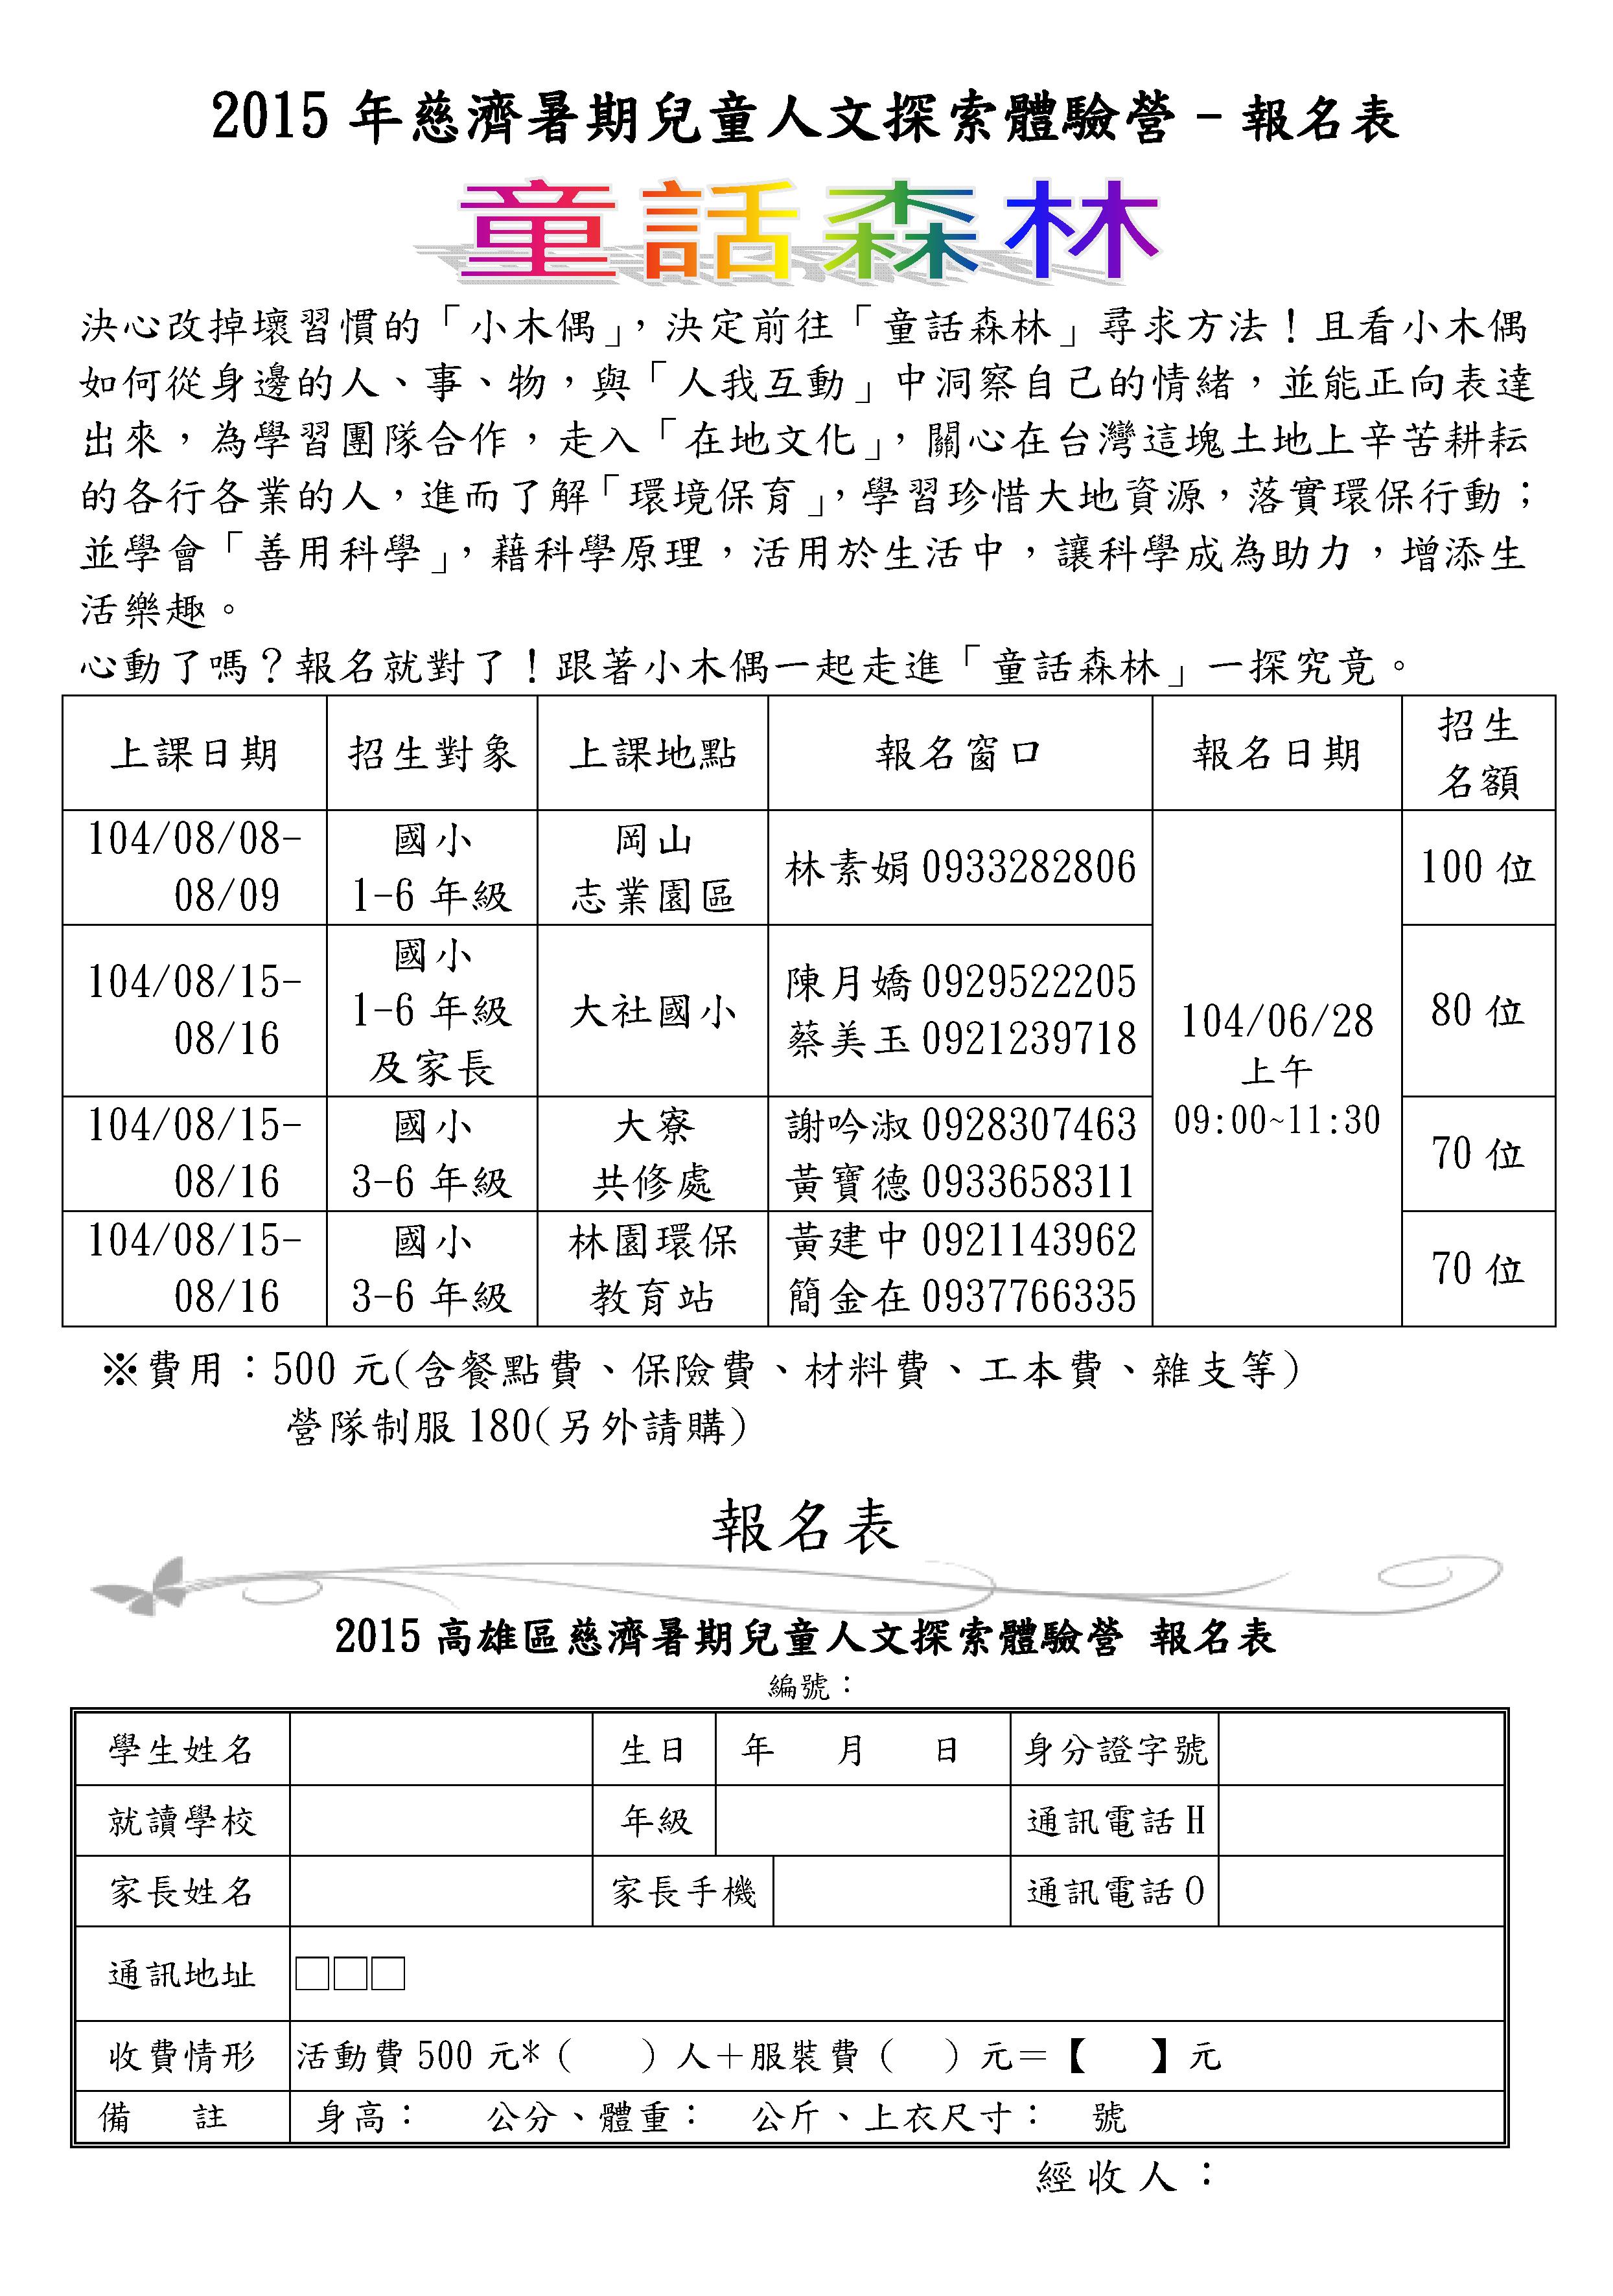 2015年慈濟暑期兒童「人文探索體驗營」報名表--高雄區.png